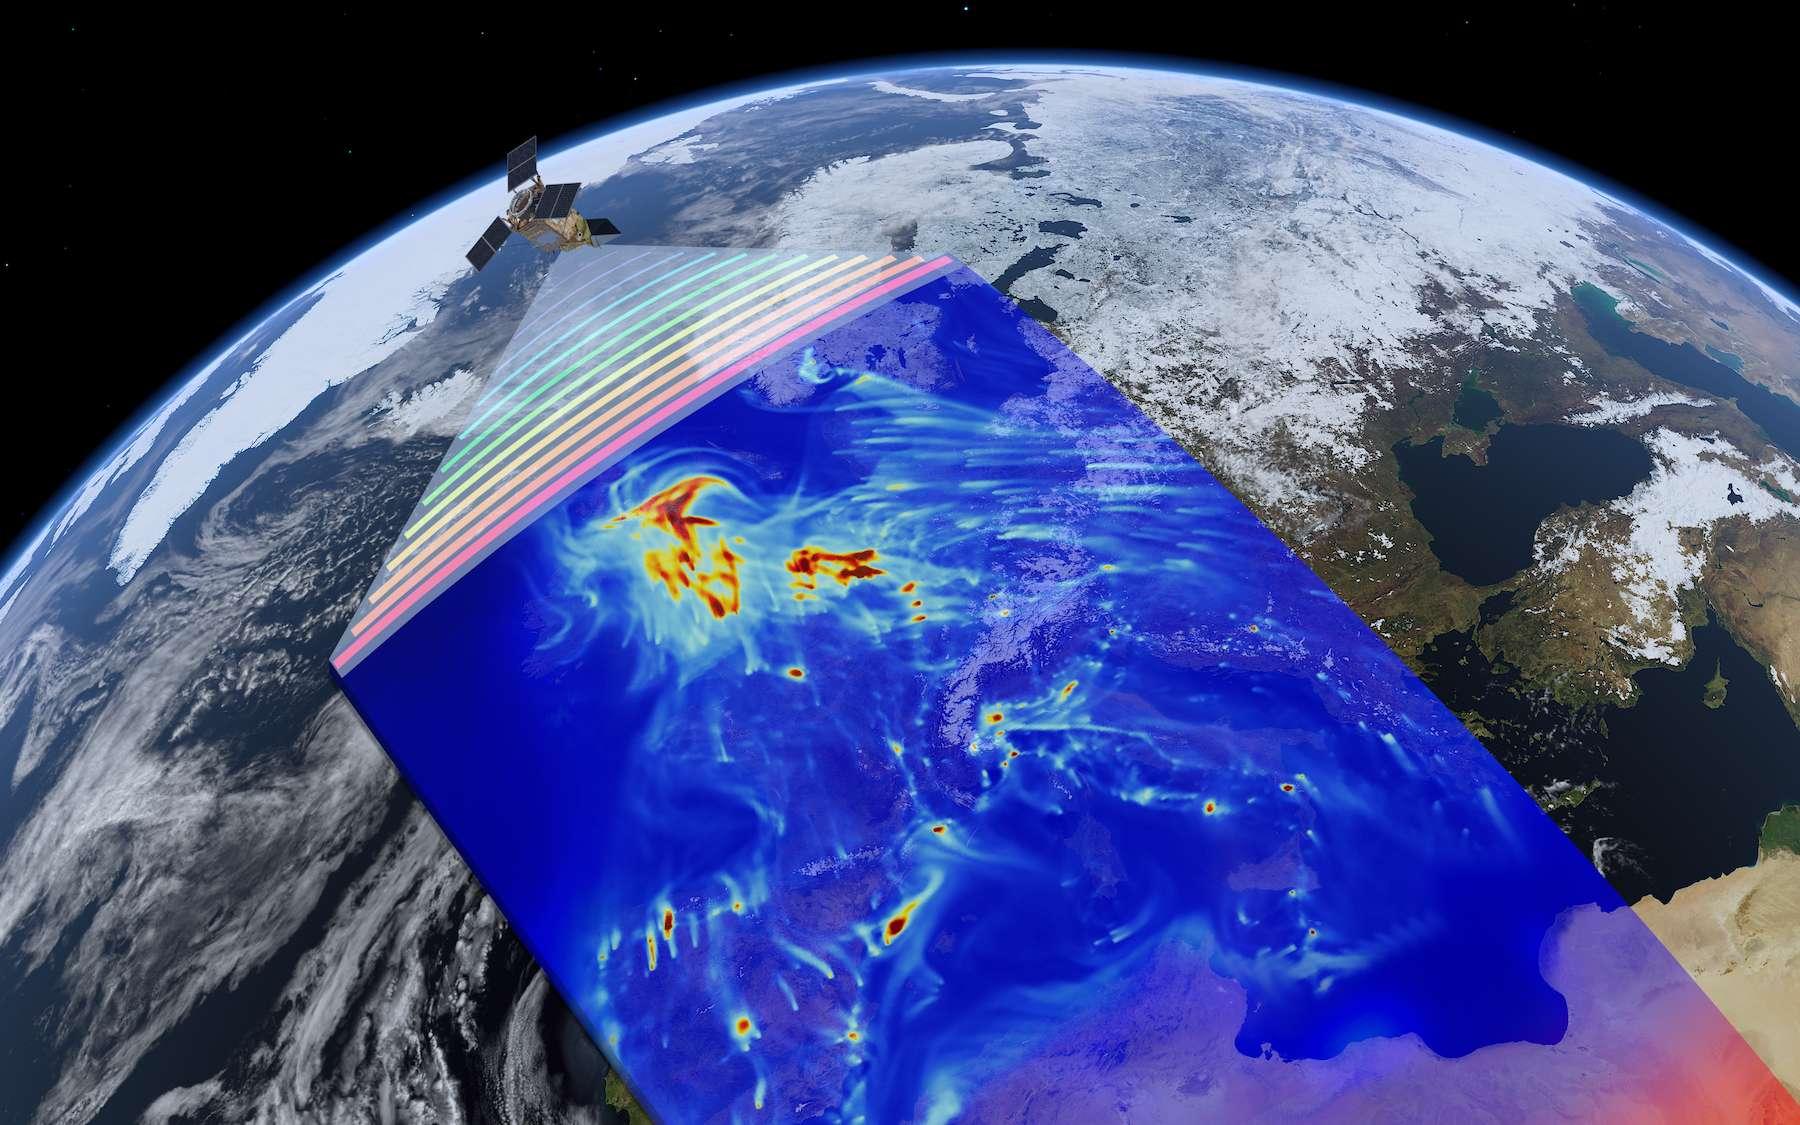 Le satellite Sentinel-5 de la mission Copernicus de l'Agence spatiale européenne chargé de mesurer les différents polluants au-dessus de la Terre. © ESA/ATG medialab